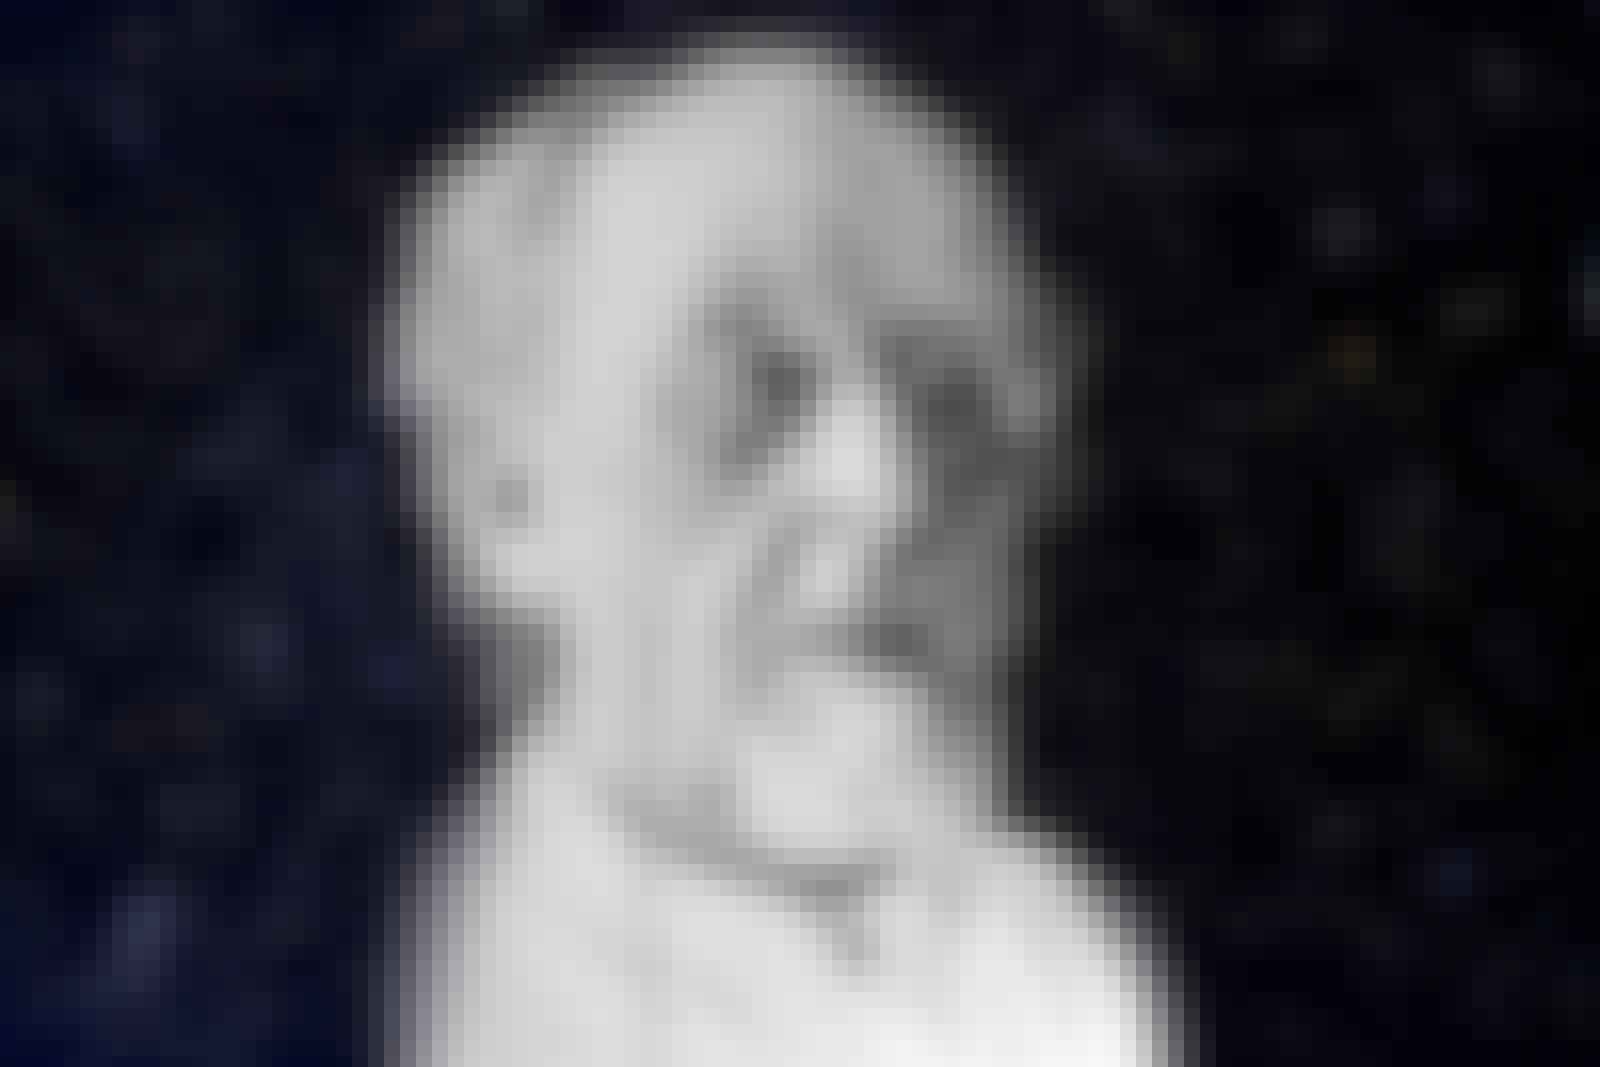 Konstantin Tsiolkovskij videnskabsmand